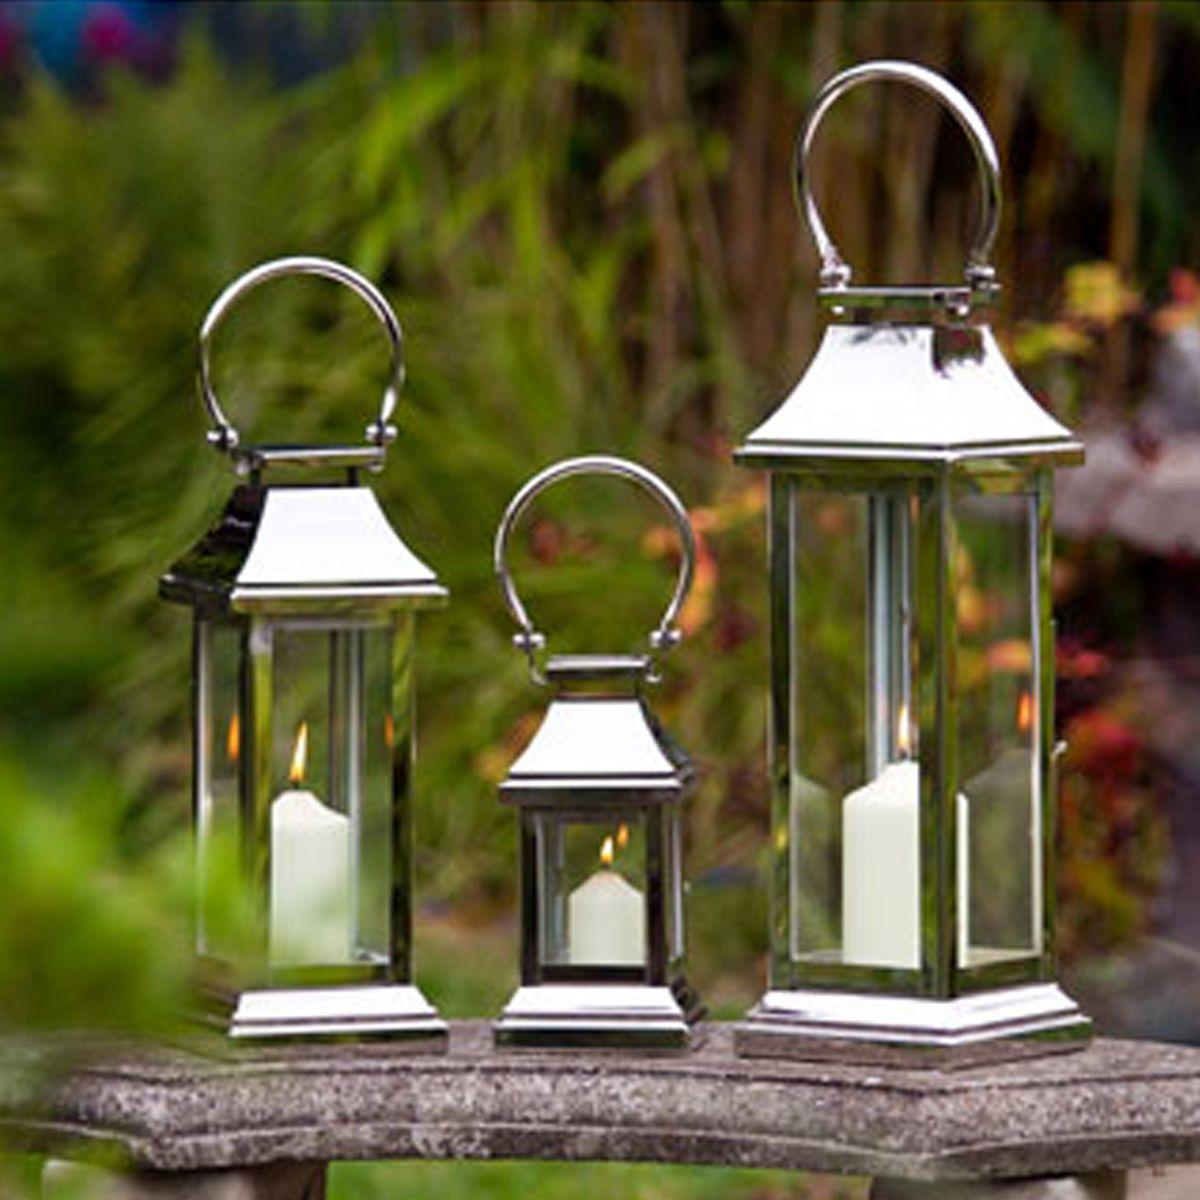 image detail for garden lanterns tall lanterns candle lanterns wedding